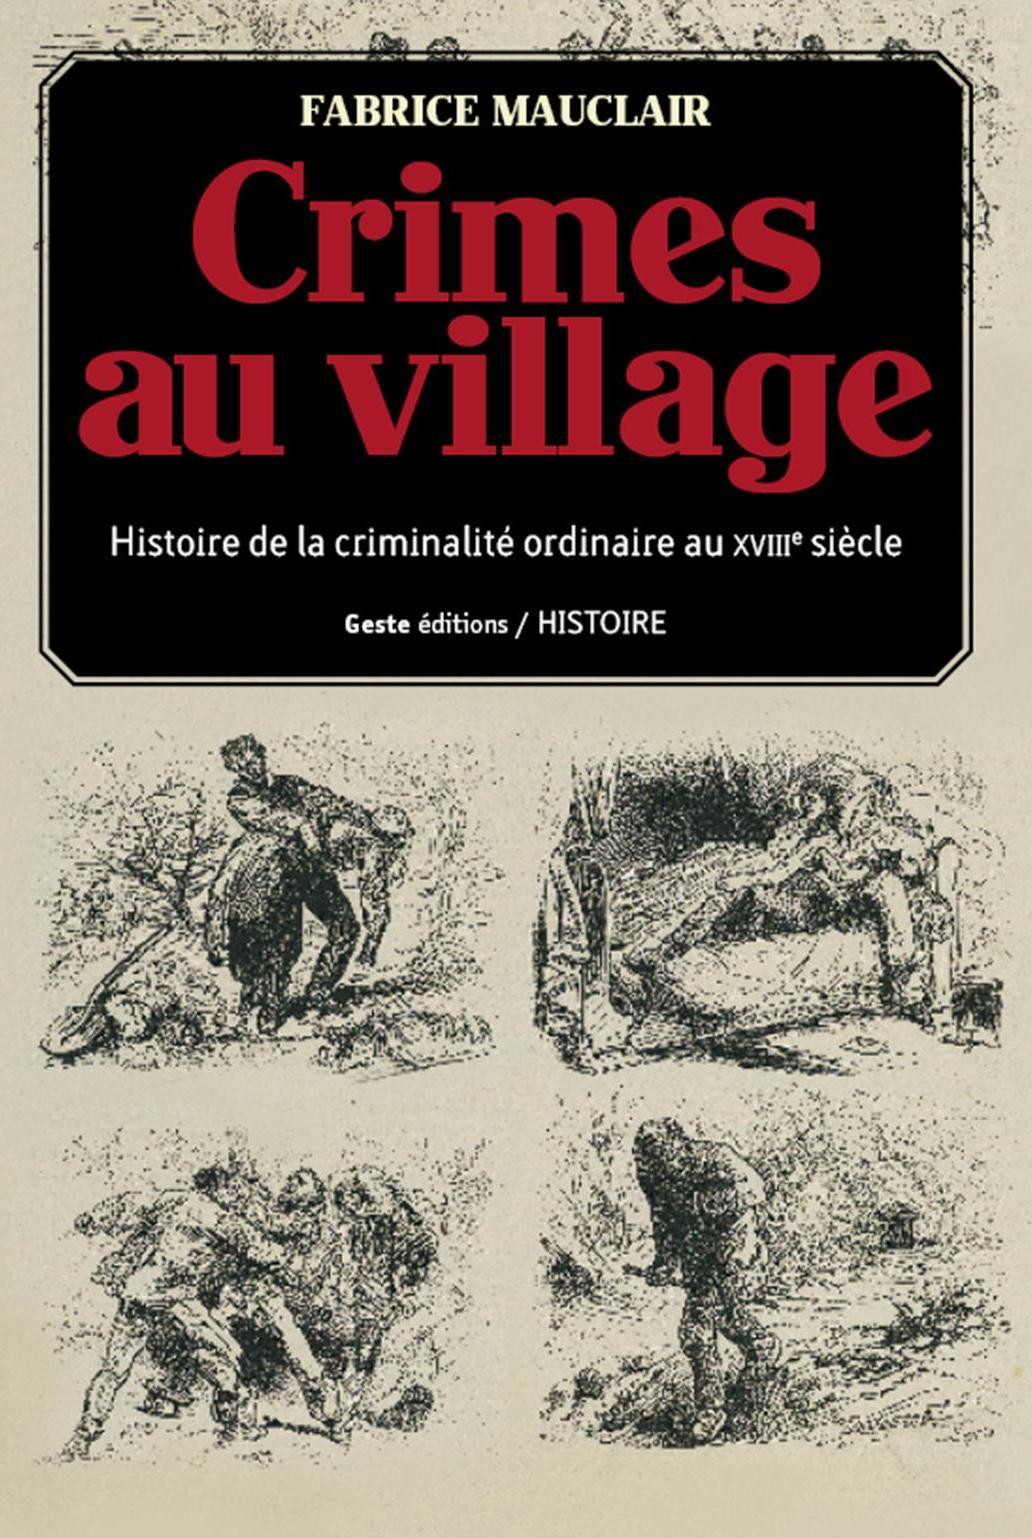 http://1.bp.blogspot.com/-m-k33XUJTNQ/TdN4bAu9WYI/AAAAAAAAAVo/WnY-LmHDhUk/s1600/crimes+au+village.jpg